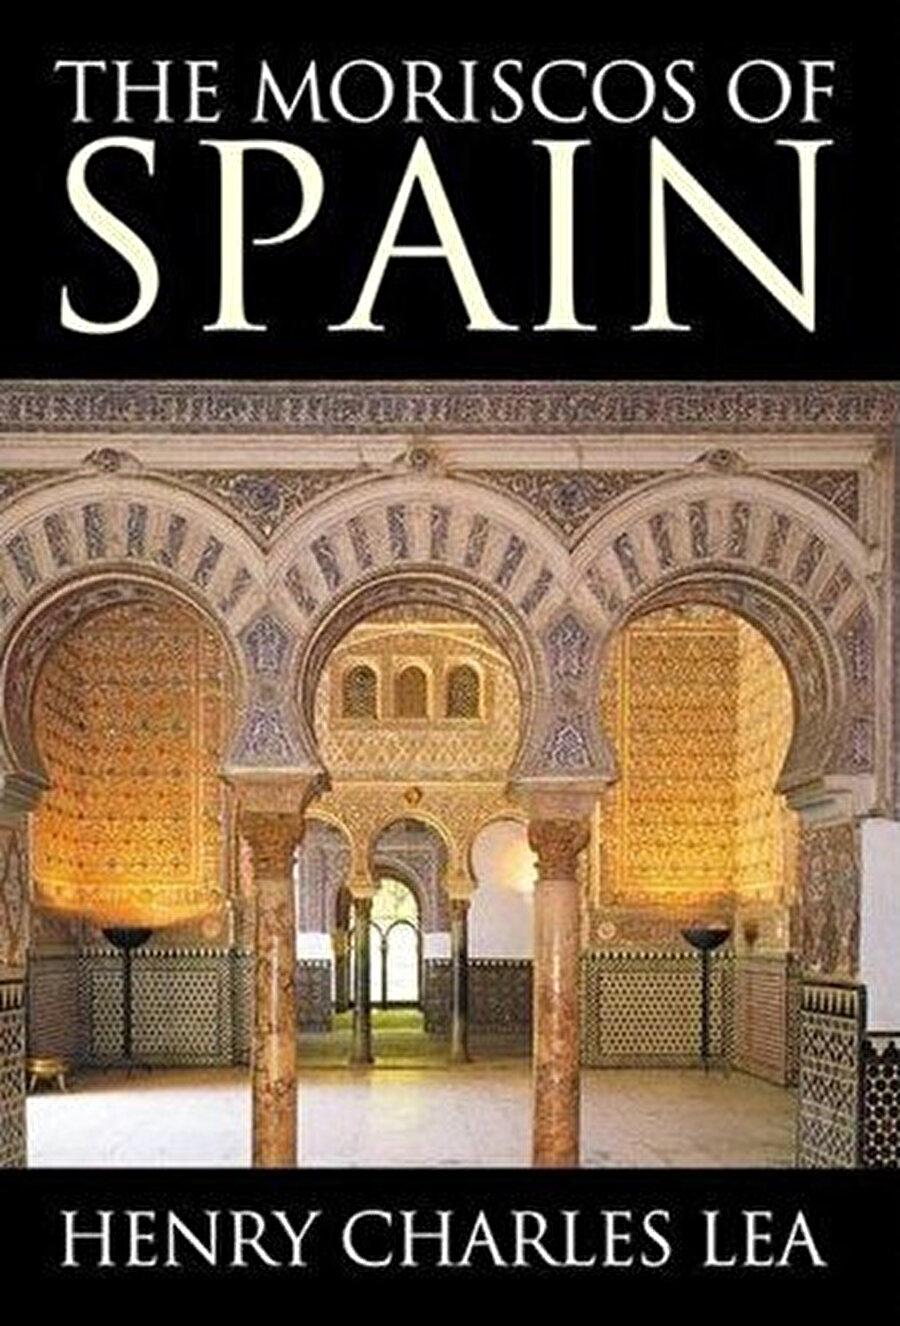 """Amerikalı İspanyoloji Uzmanı Henry Charles Lea'nin 1901 yılında yayınlanan """"The Moriscos of Spain: Their Conversion and Expulsion"""" isimli eserinin kapağı. Bu sahaya dair kaleme alınan eserler arasında önemli bir yere sahip olan kitap, """"İspanya Müslümanları / Hıristiyanlaştırılmaları ve Sürülmeleri"""" başlığıyla Türkçe'ye tercüme edildi."""